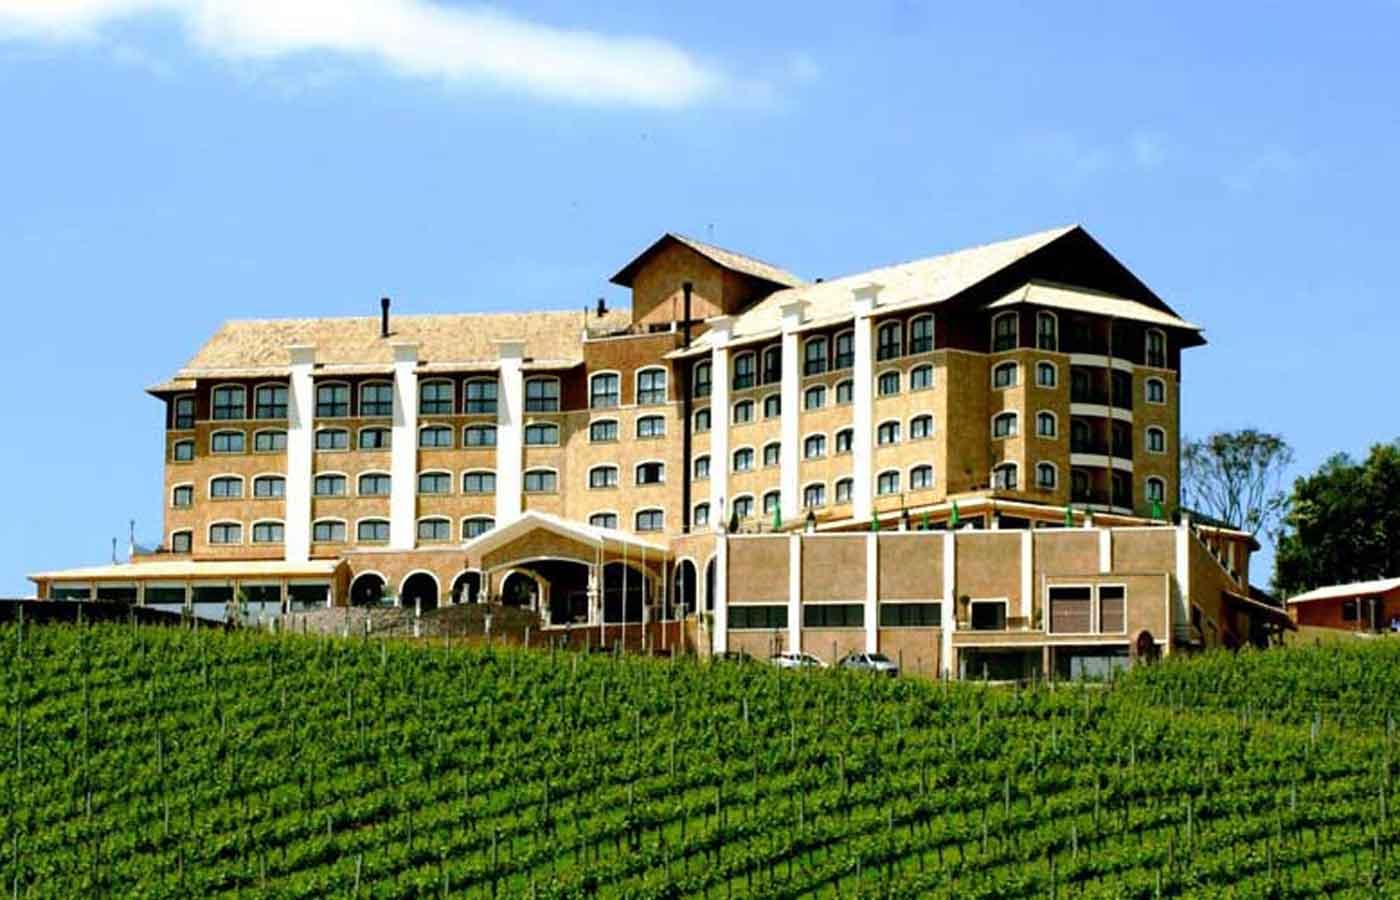 Hotel Spa do Vinho - Wine holidays to Brazil